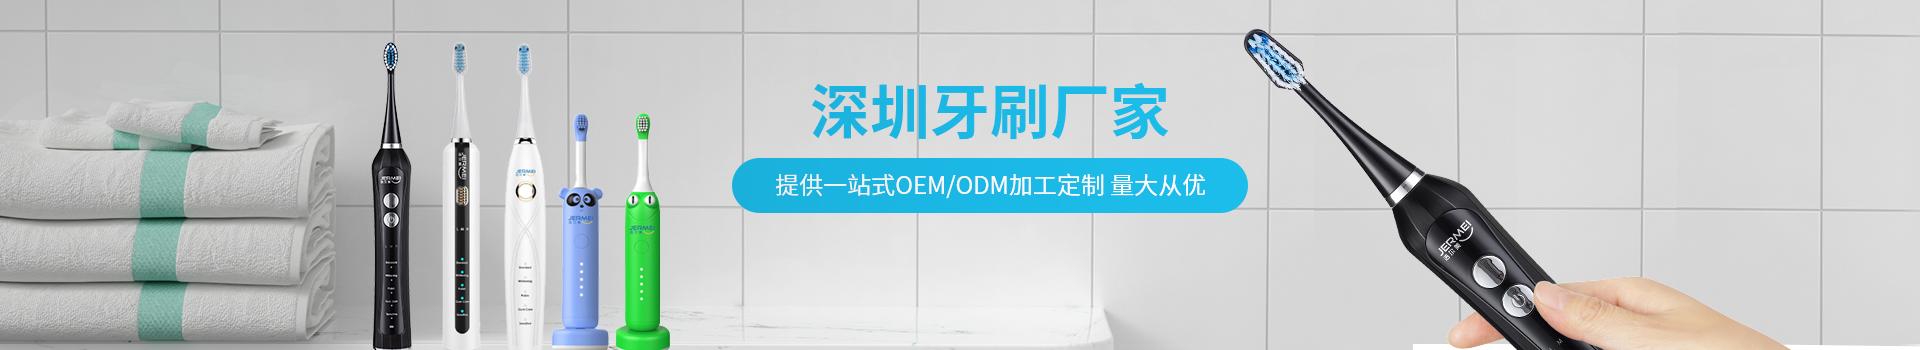 洁尔美提供一站式OEM/ODM加工定制